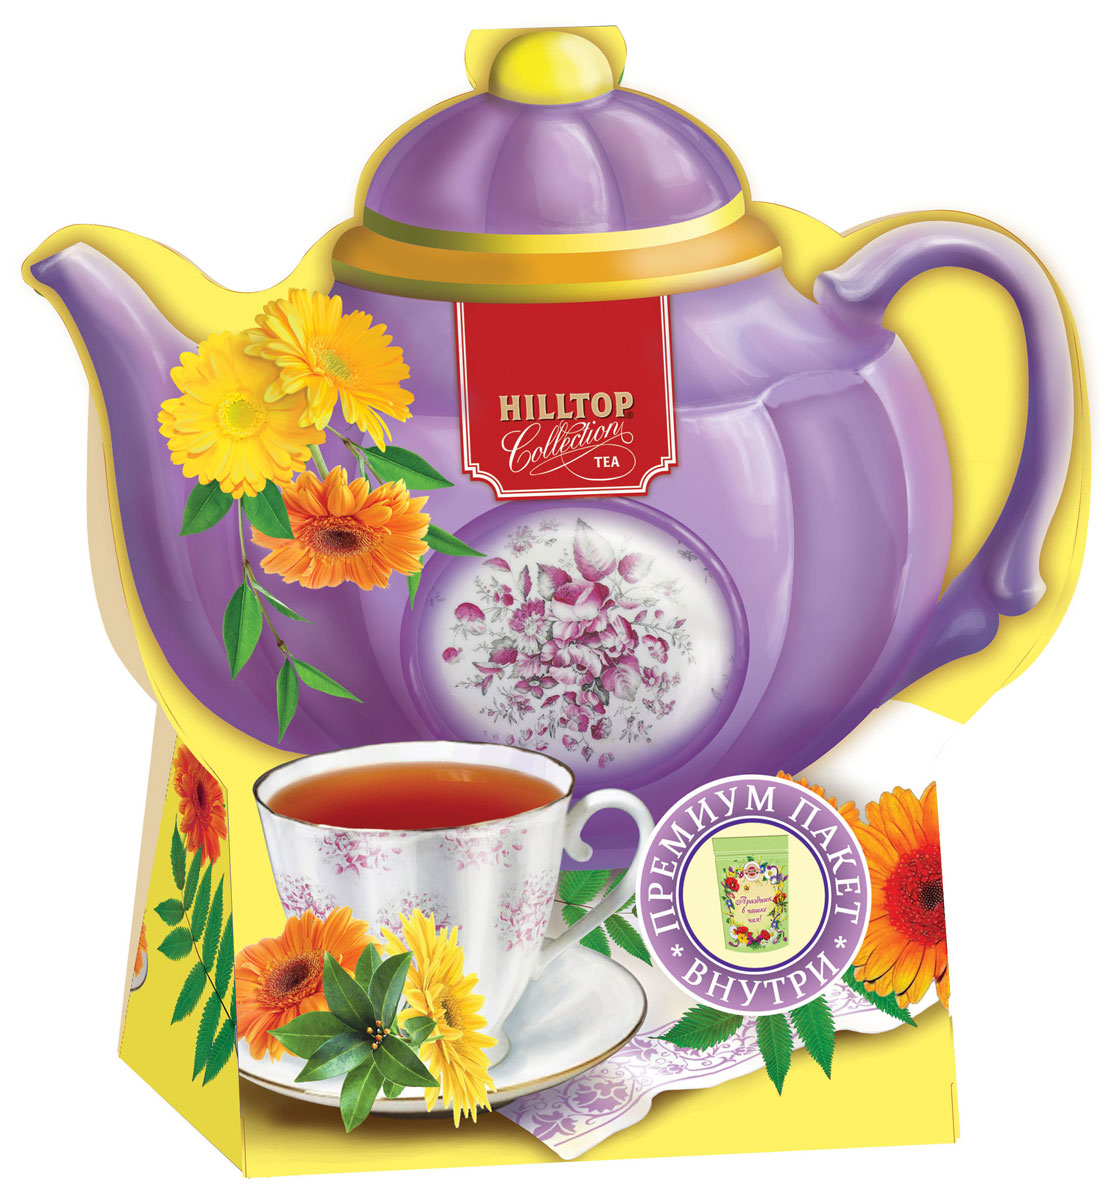 Hilltop Подарок Цейлона черный листовой чай, 80 г (чайник фиолетовый)4607099306721Крупнолистовой цейлонский черный чай Hilltop Подарок Цейлона с глубоким, насыщенным вкусом и изумительным ароматом. Благодаря красивой праздничной упаковке вы можете подарить этот прекрасный чай своим друзьям и близким.Всё о чае: сорта, факты, советы по выбору и употреблению. Статья OZON Гид